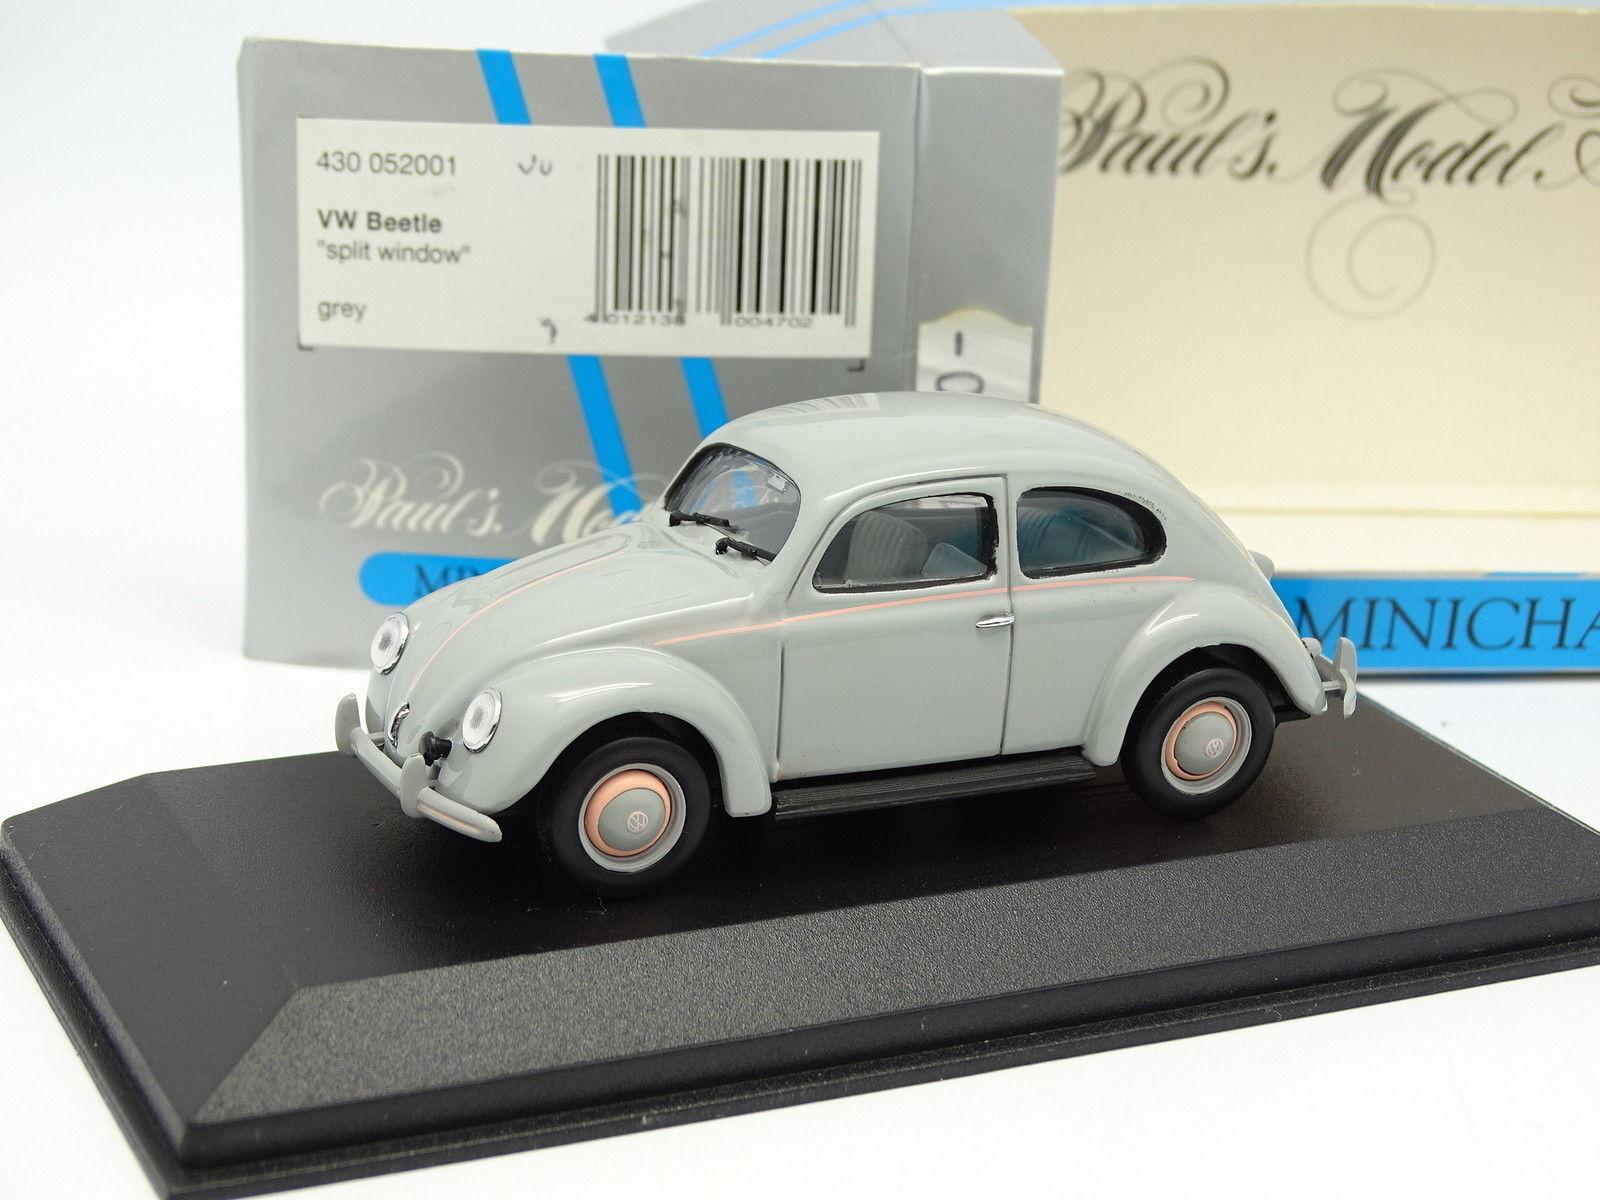 Minichamps 1 43 - VW Coccinelle Split Window grise